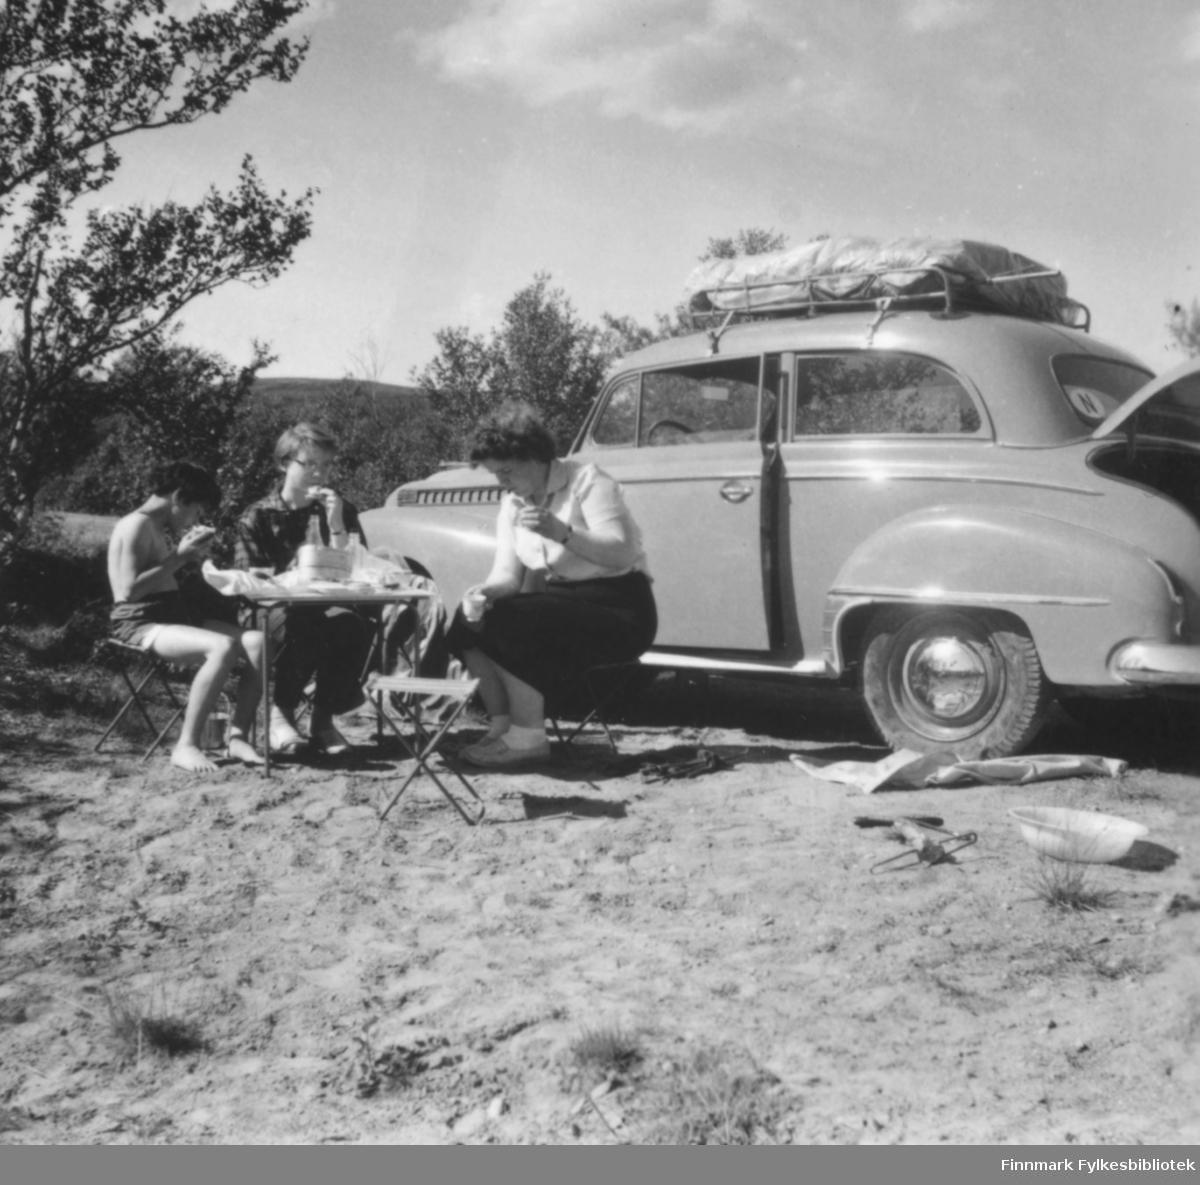 Sommeren 1958  eller 1959 var familien Ebeltoft på bilferie i Finland og Sverige med familien nye bil, en Opel Olympia, 1952-modell. Måltid utendørs et sted langs veien, antakelig i Finland. Fra venstre: Torill Ebeltoft, May Rognli, Ragnhild Ebeltoft